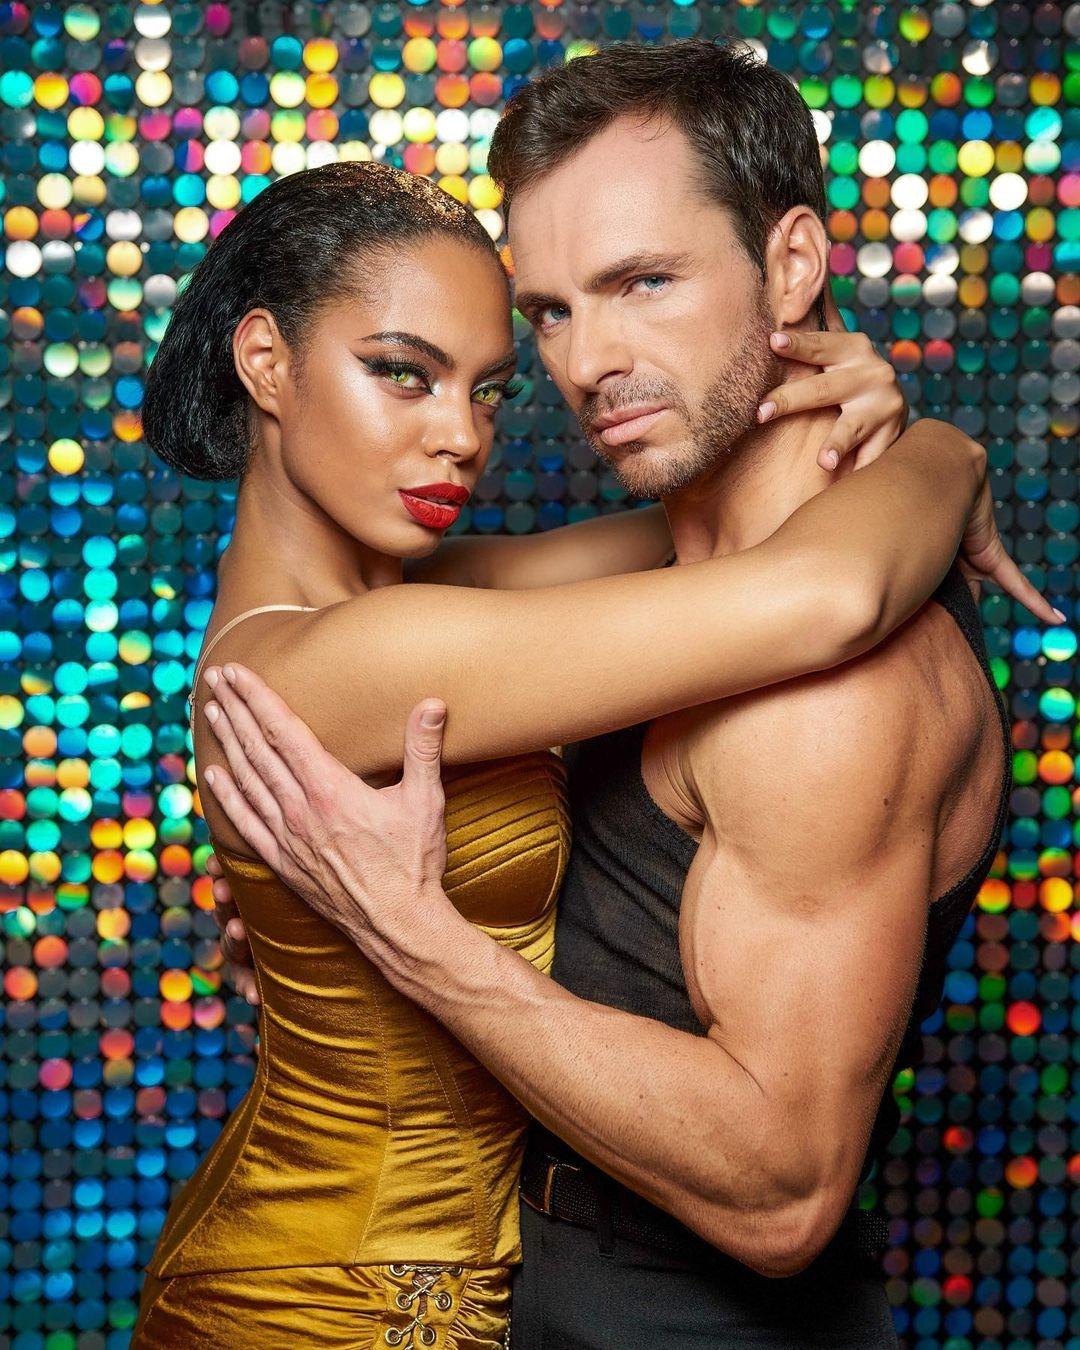 """Танці з зірками"""": прямые эфиры будут проходить без зрителей в связи с карантином выходного дня - фото №5"""